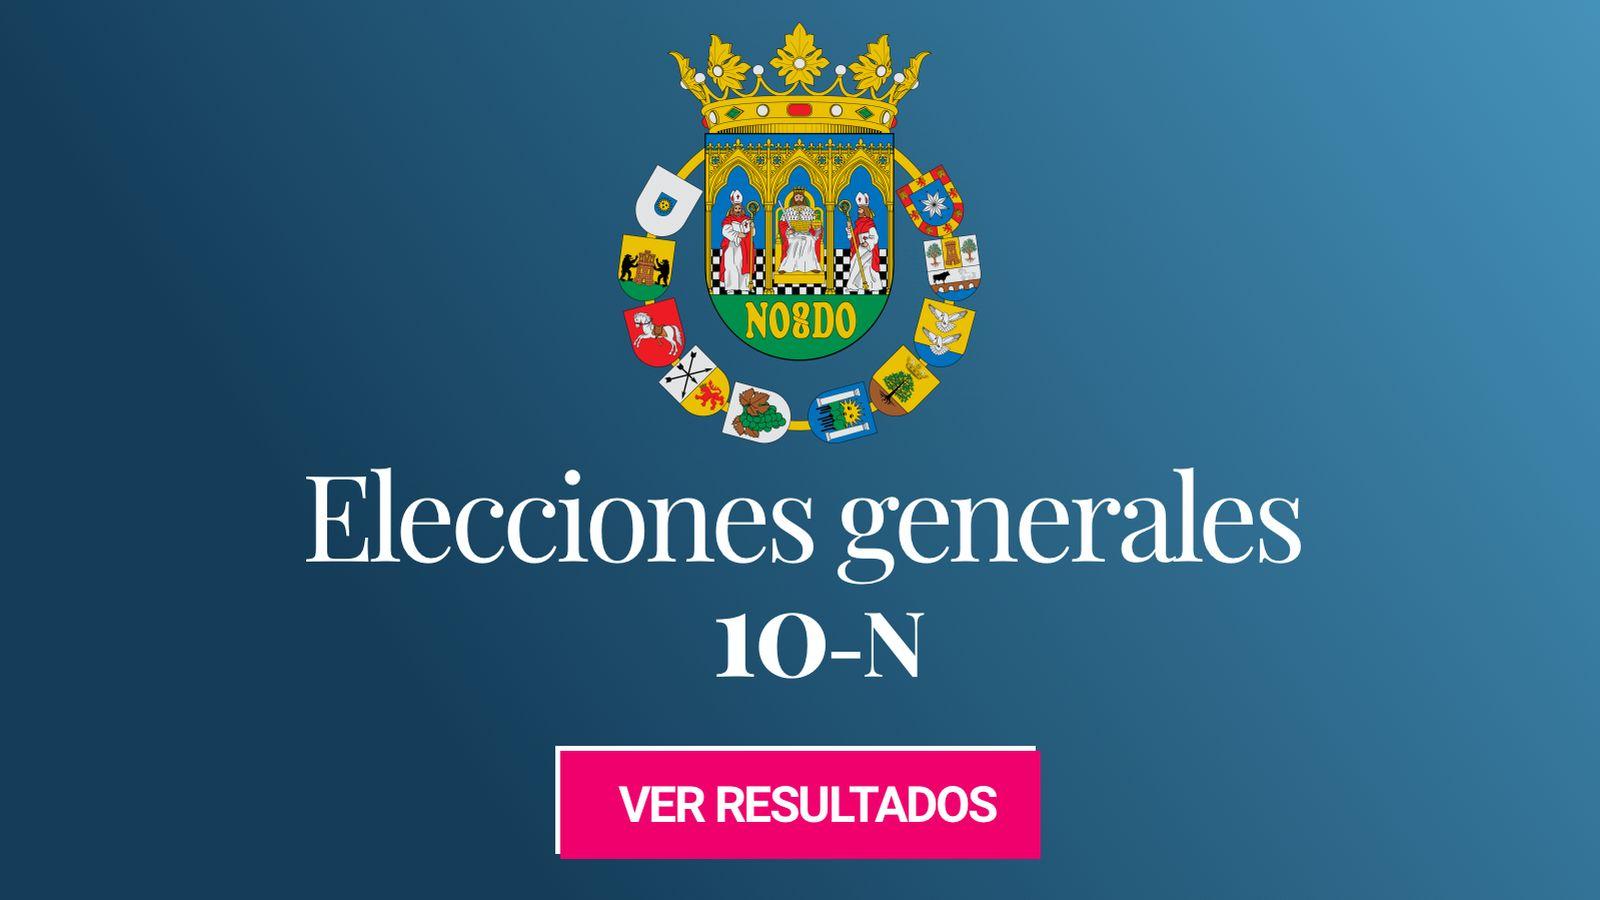 Foto: Elecciones generales 2019 en la provincia de Sevilla. (C.C./HansenBCN)